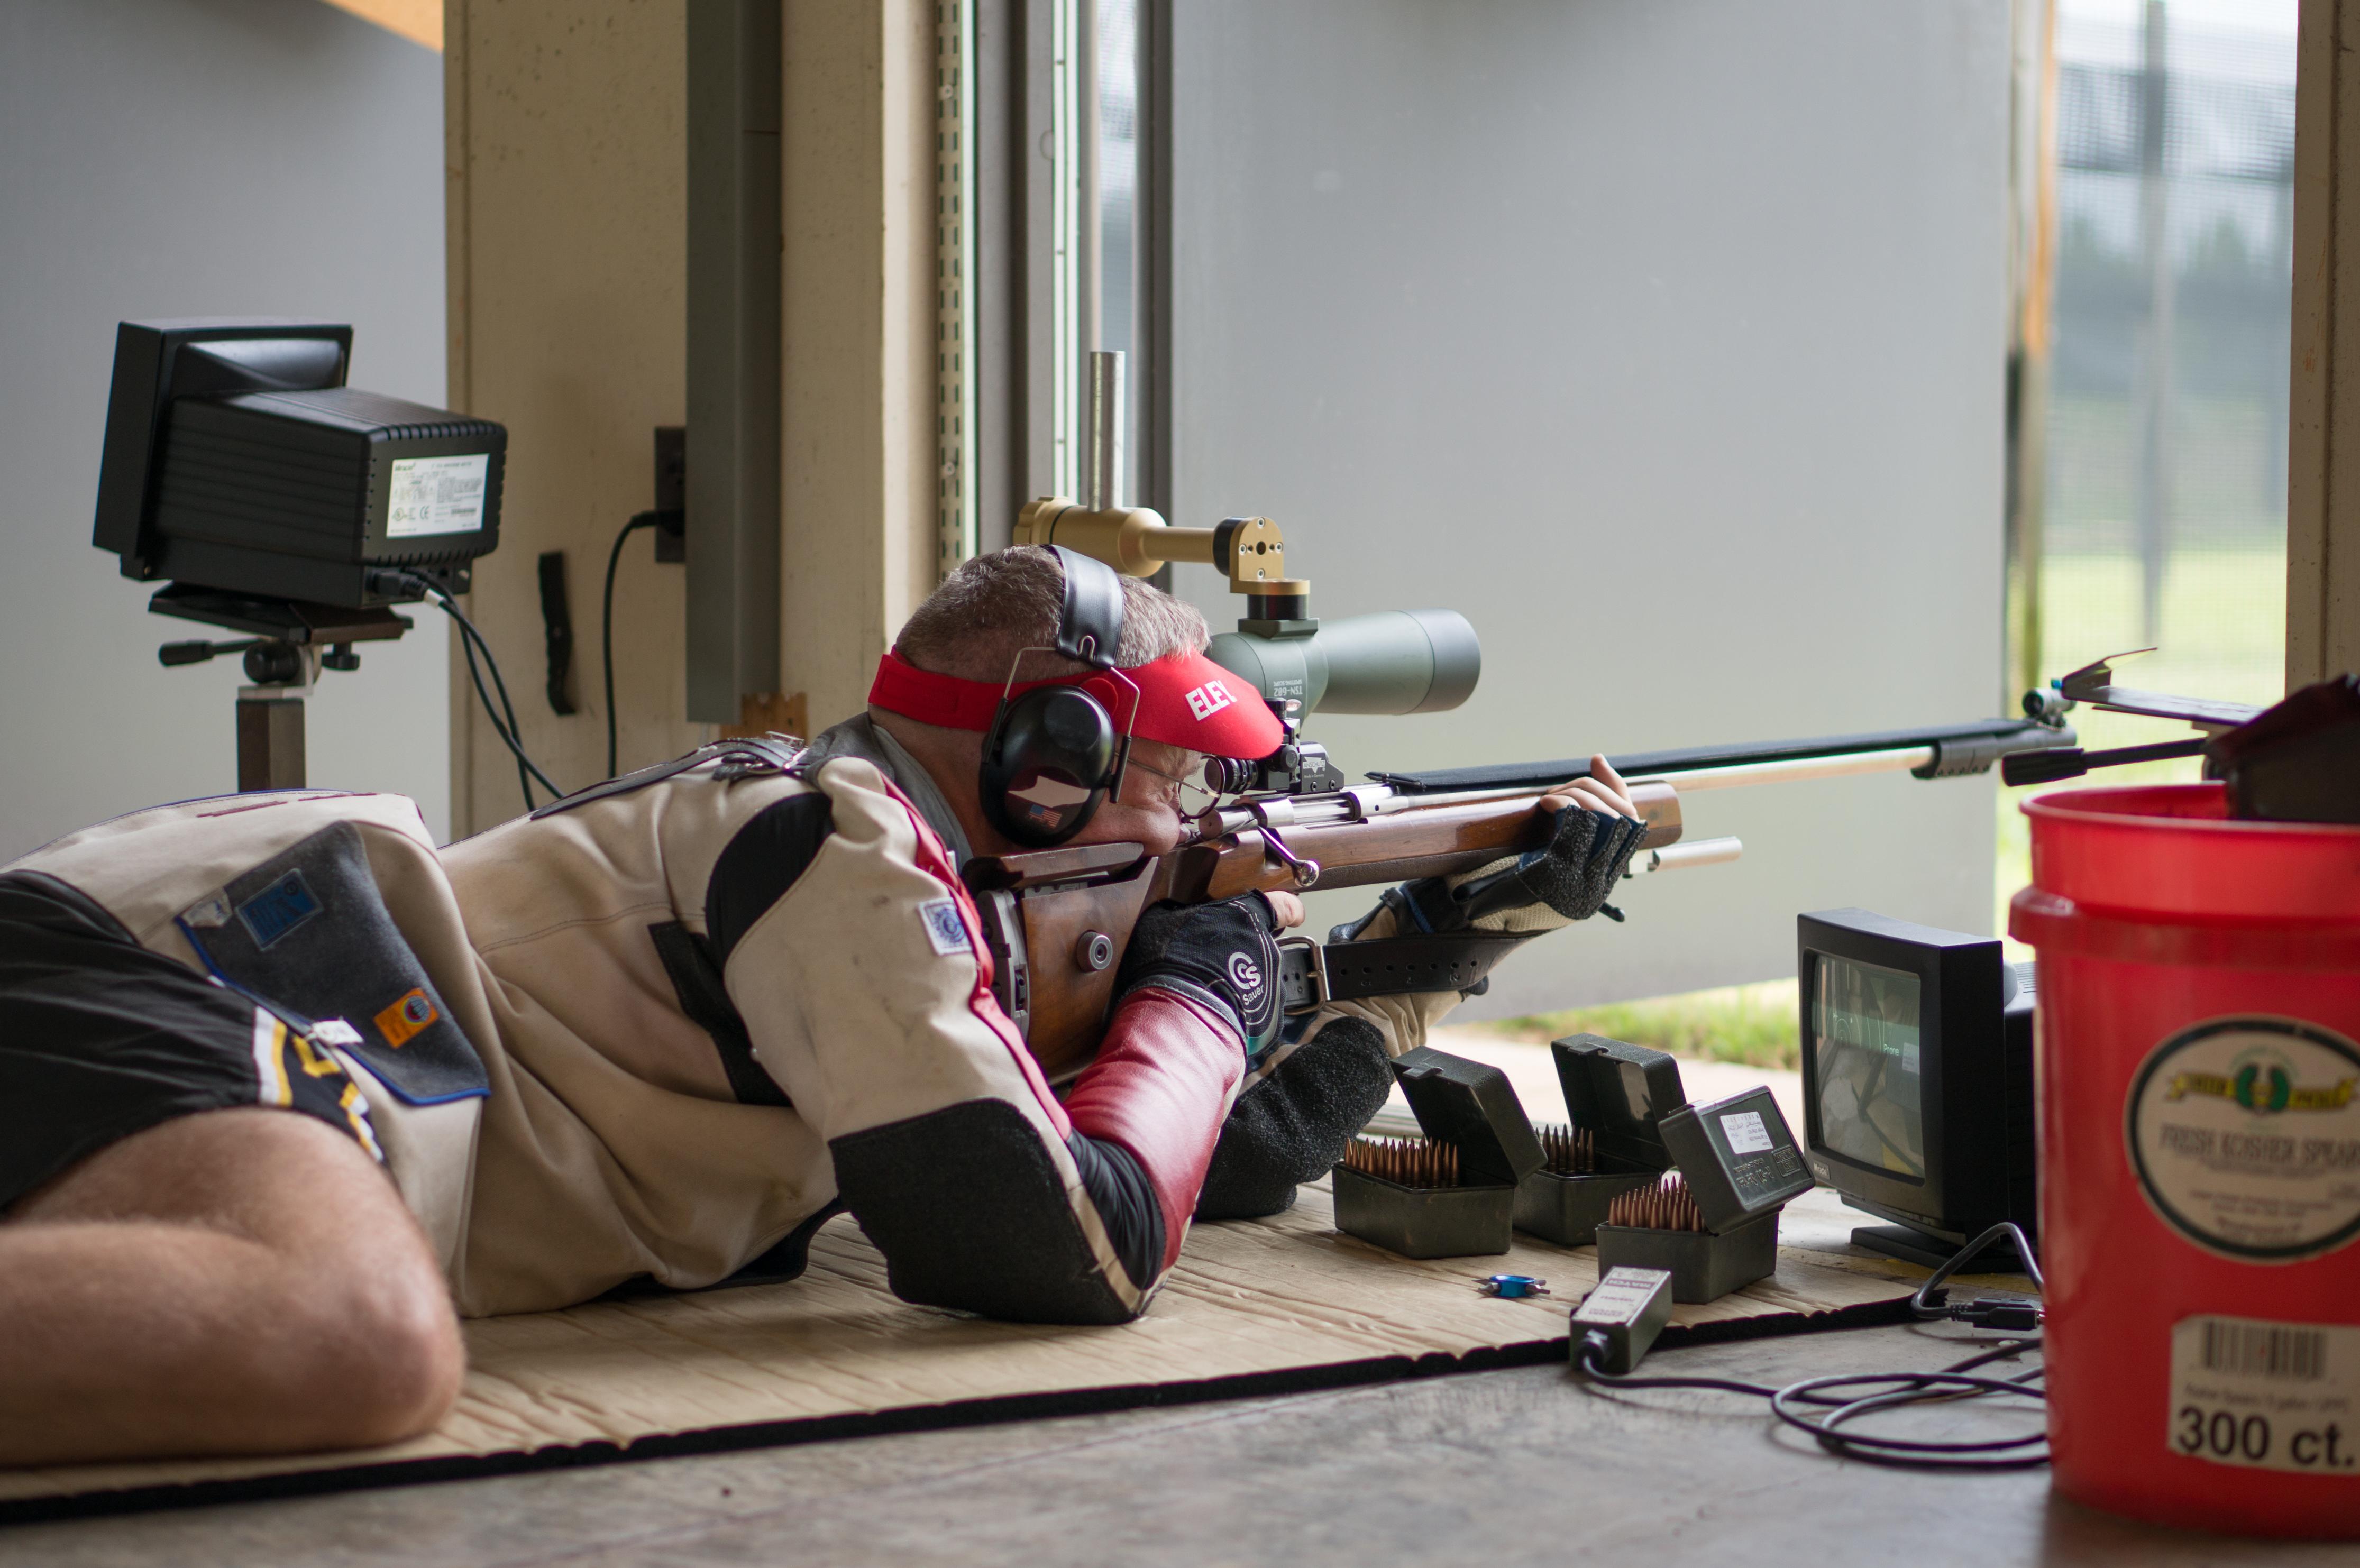 Bullseye shooting - Wikipedia